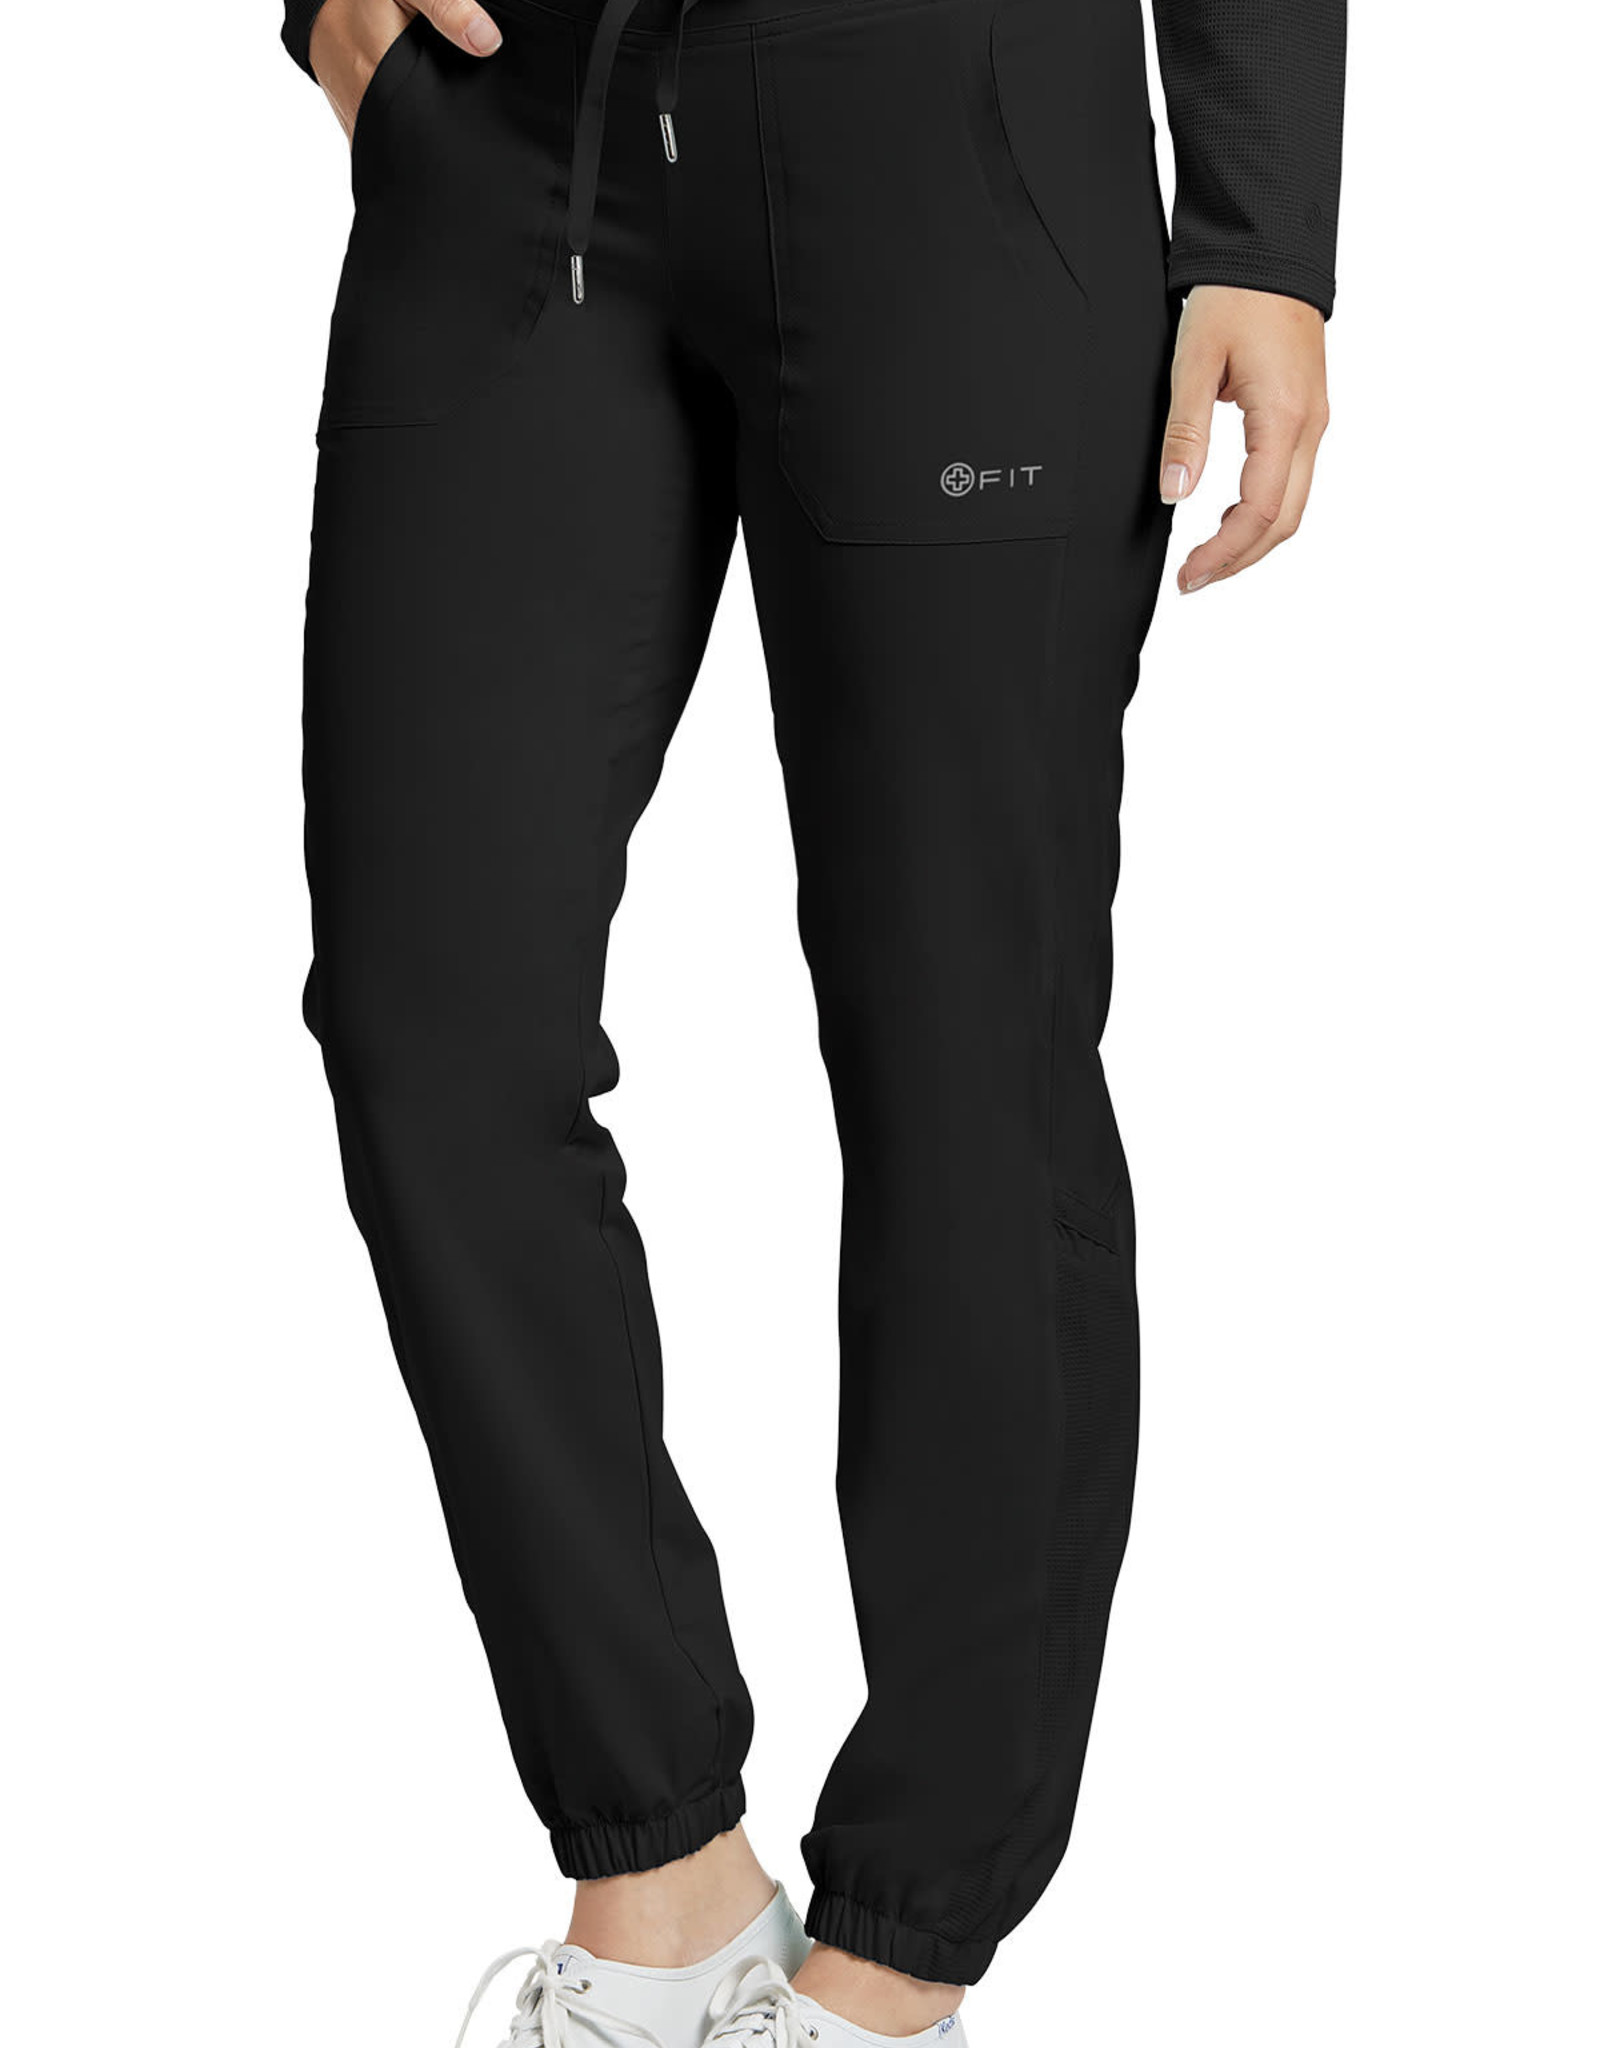 White Cross Fit Pantalon Fit Jogger 399